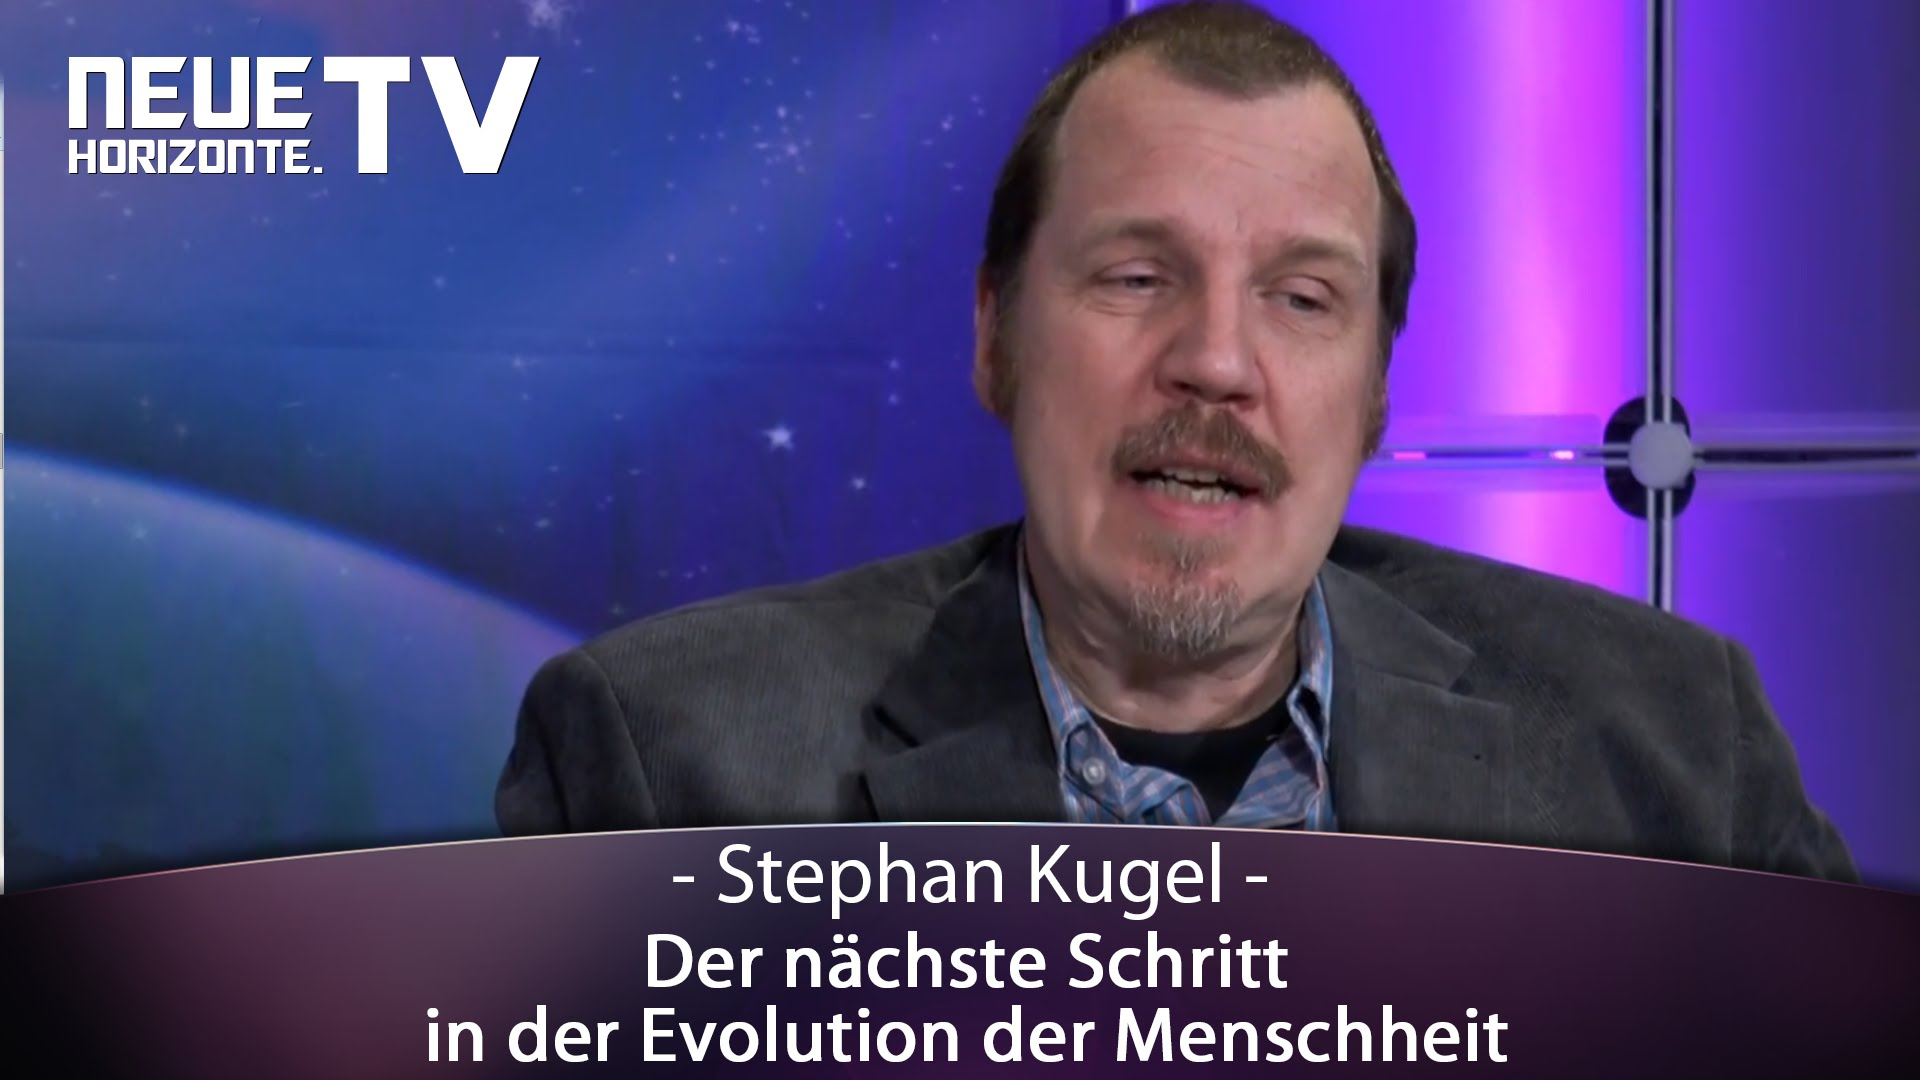 Der nächste Schritt in der Evolution der Menschheit – Stephan Kugel